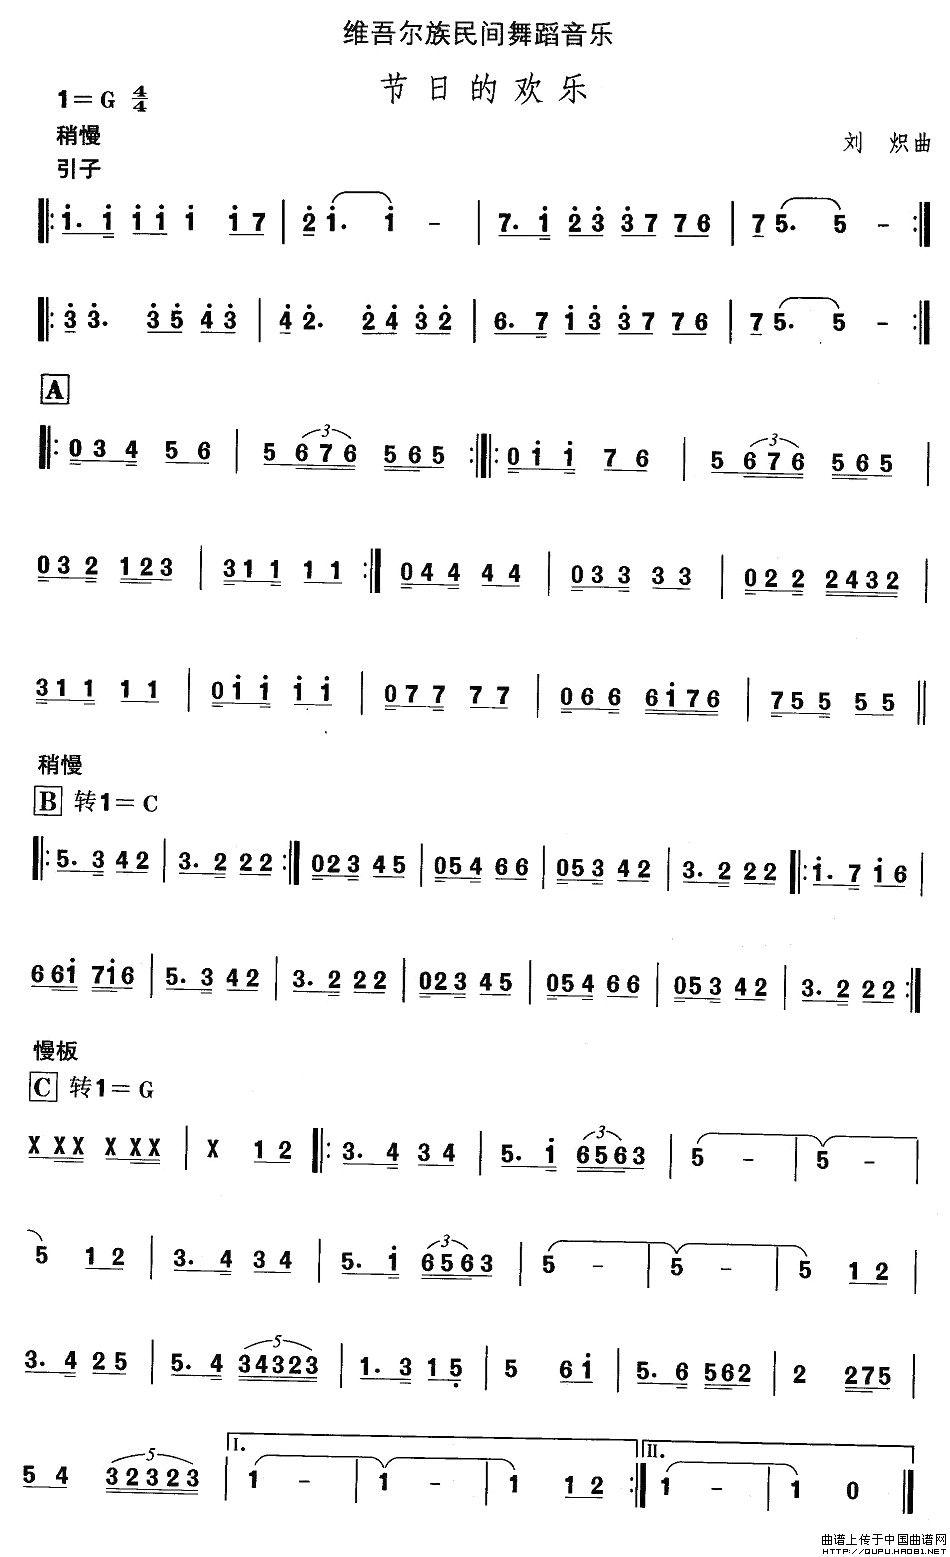 曲谱 中国民族民间舞曲选 十 维吾尔族舞蹈 节日的欢 -中国民族民间舞